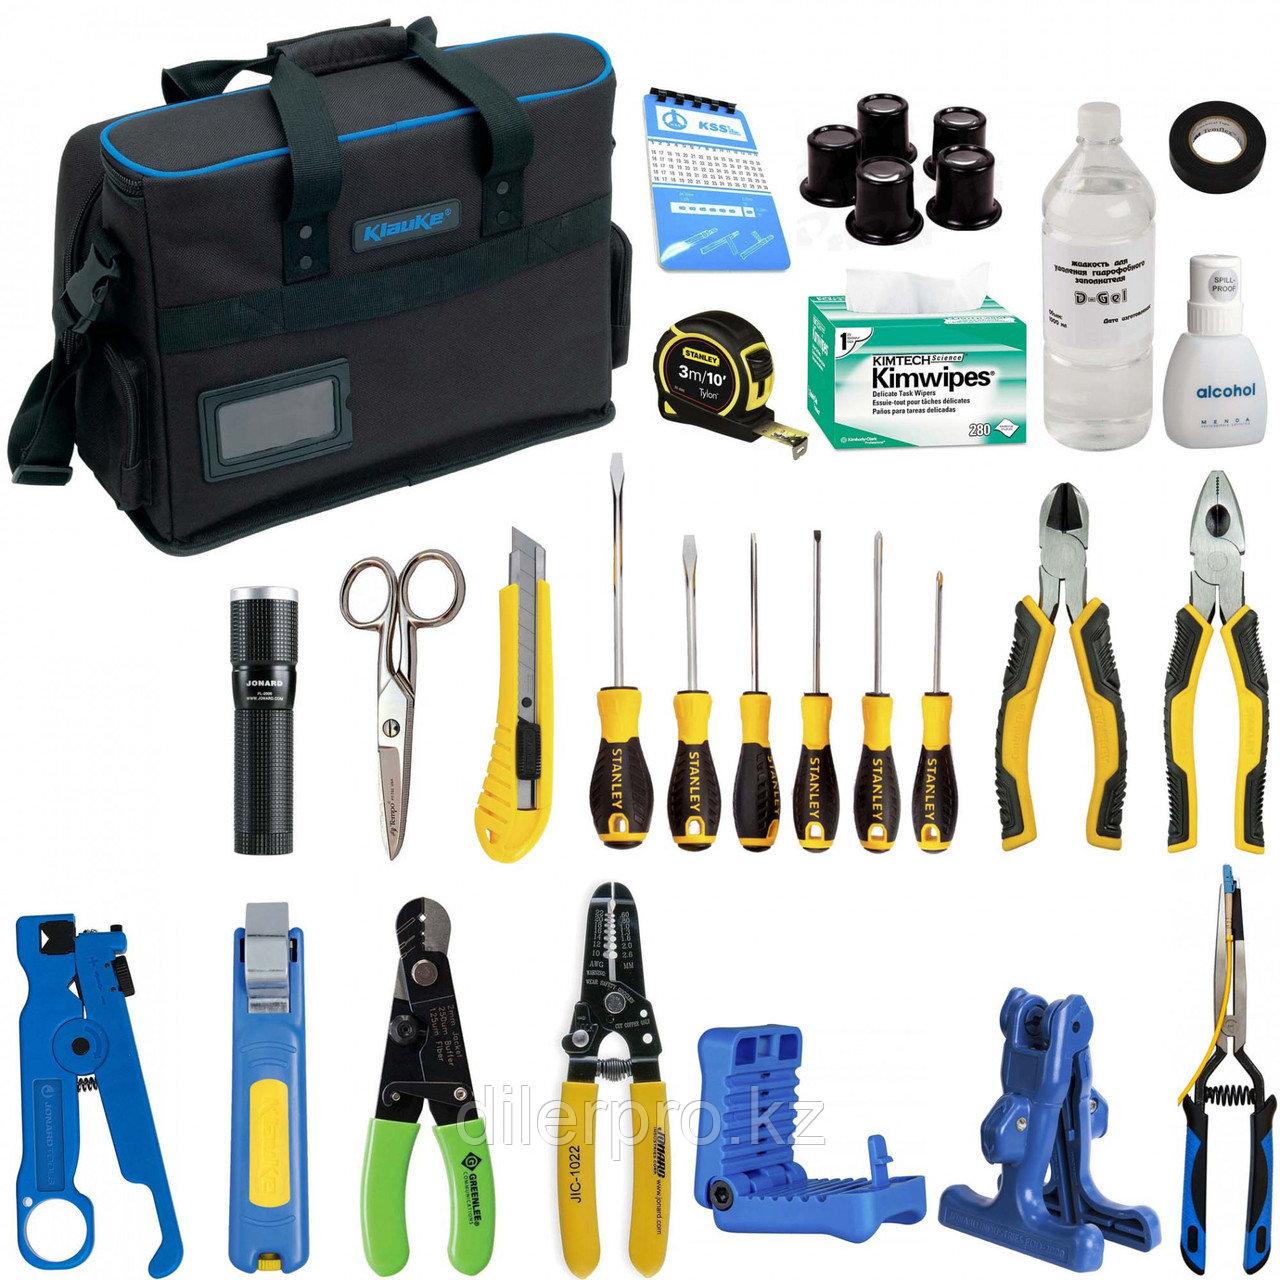 Комплект инструментов и приборов SK-RST-PON1 в составе (класический набор для PON)